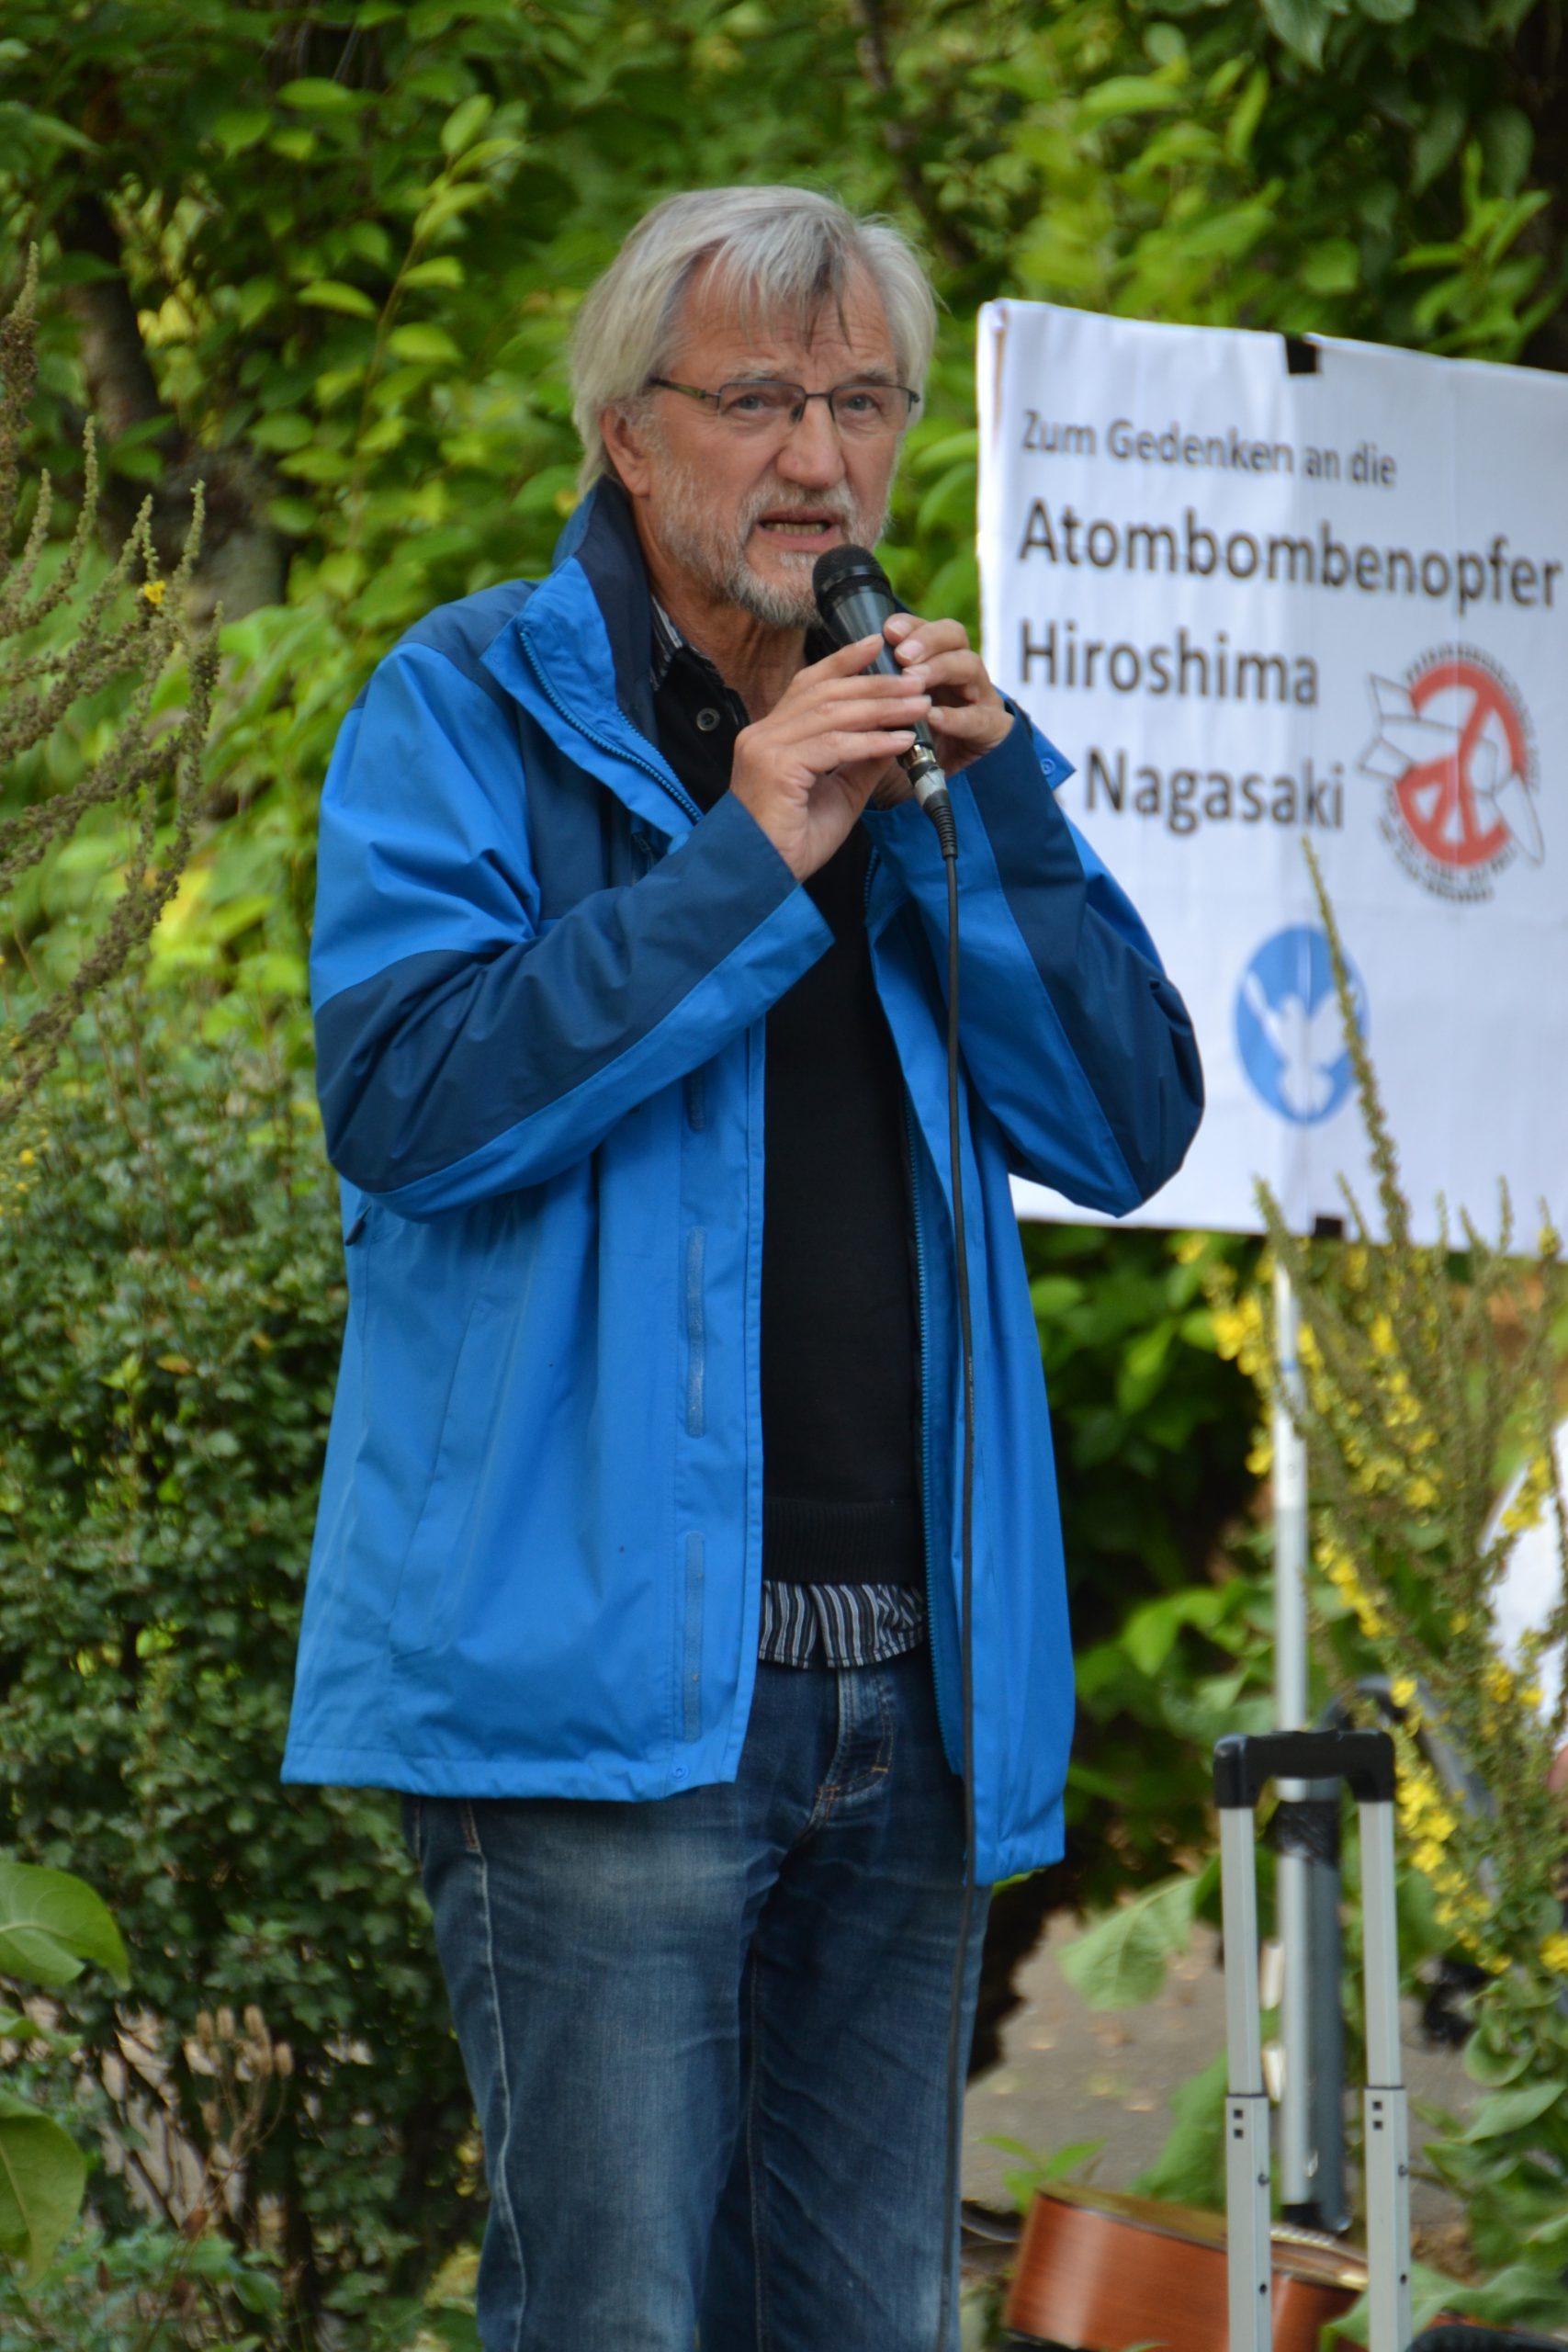 """Ein schlanker älterer Herr in blauer sportlicher Jacke und Jeans spricht in ein Mikro. Im Hintergrund ein Transparent mit der Aufschrift """"Zum Gedenken an die Atombombenopfer"""", """"Hiroshima"""", """"Nagasaki"""""""